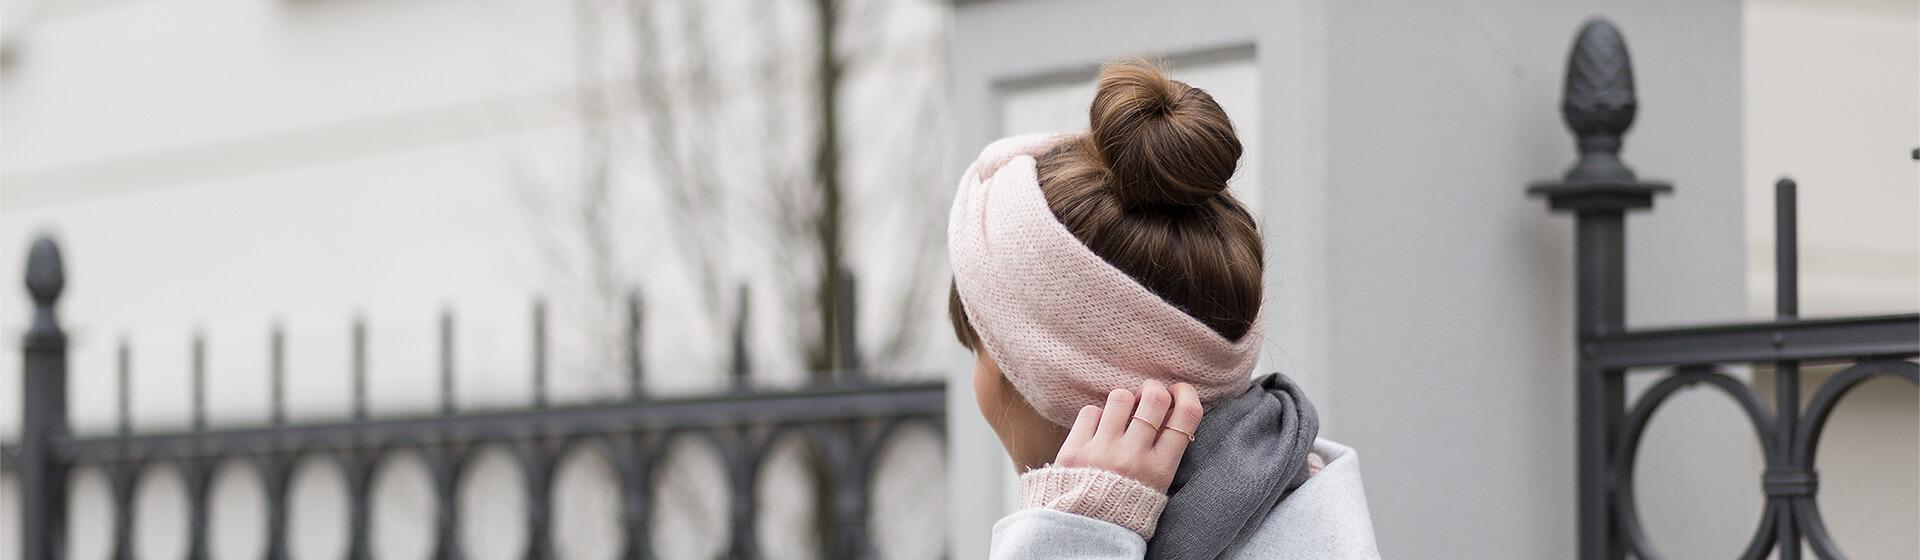 Stirnband - Die schicke Alternative zur Mütze, Stirnband kombinieren, Shoelove by Deichmann